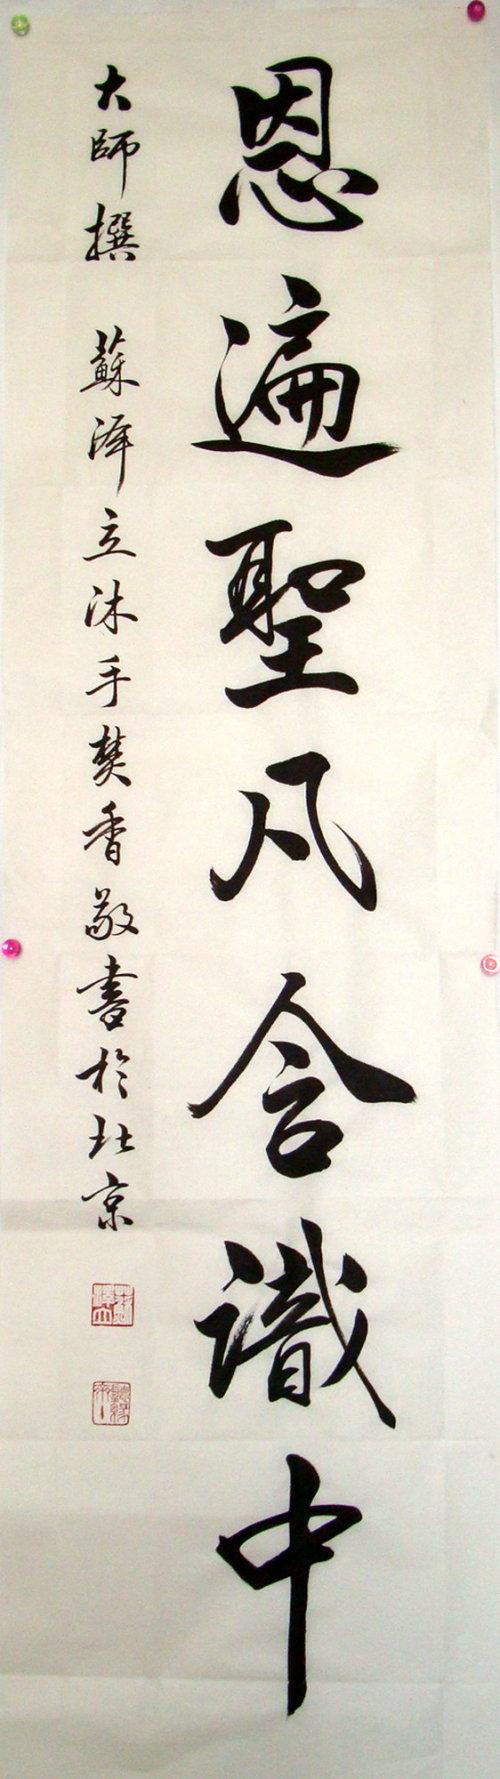 为甘肃甘谷正愿寺大雄宝殿题字 - 苏泽立 - 苏泽立的博客